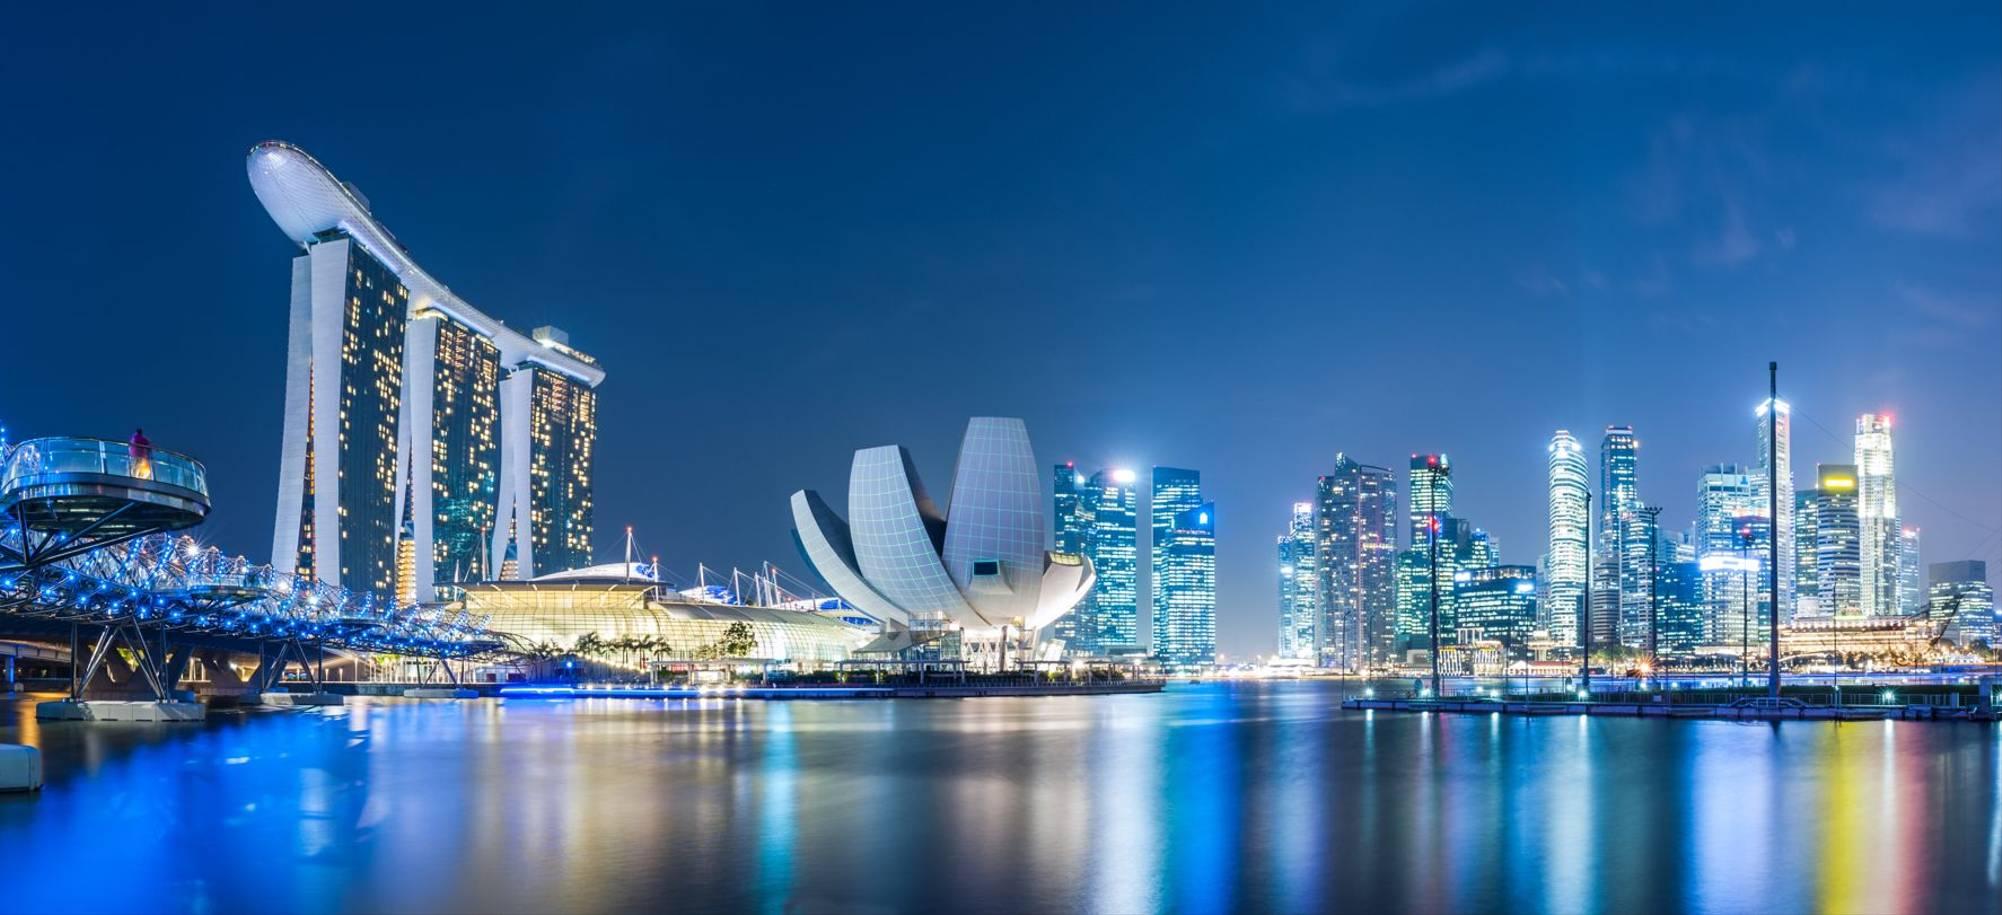 Singapore - City Skyline - Itinerary Desktop.jpg